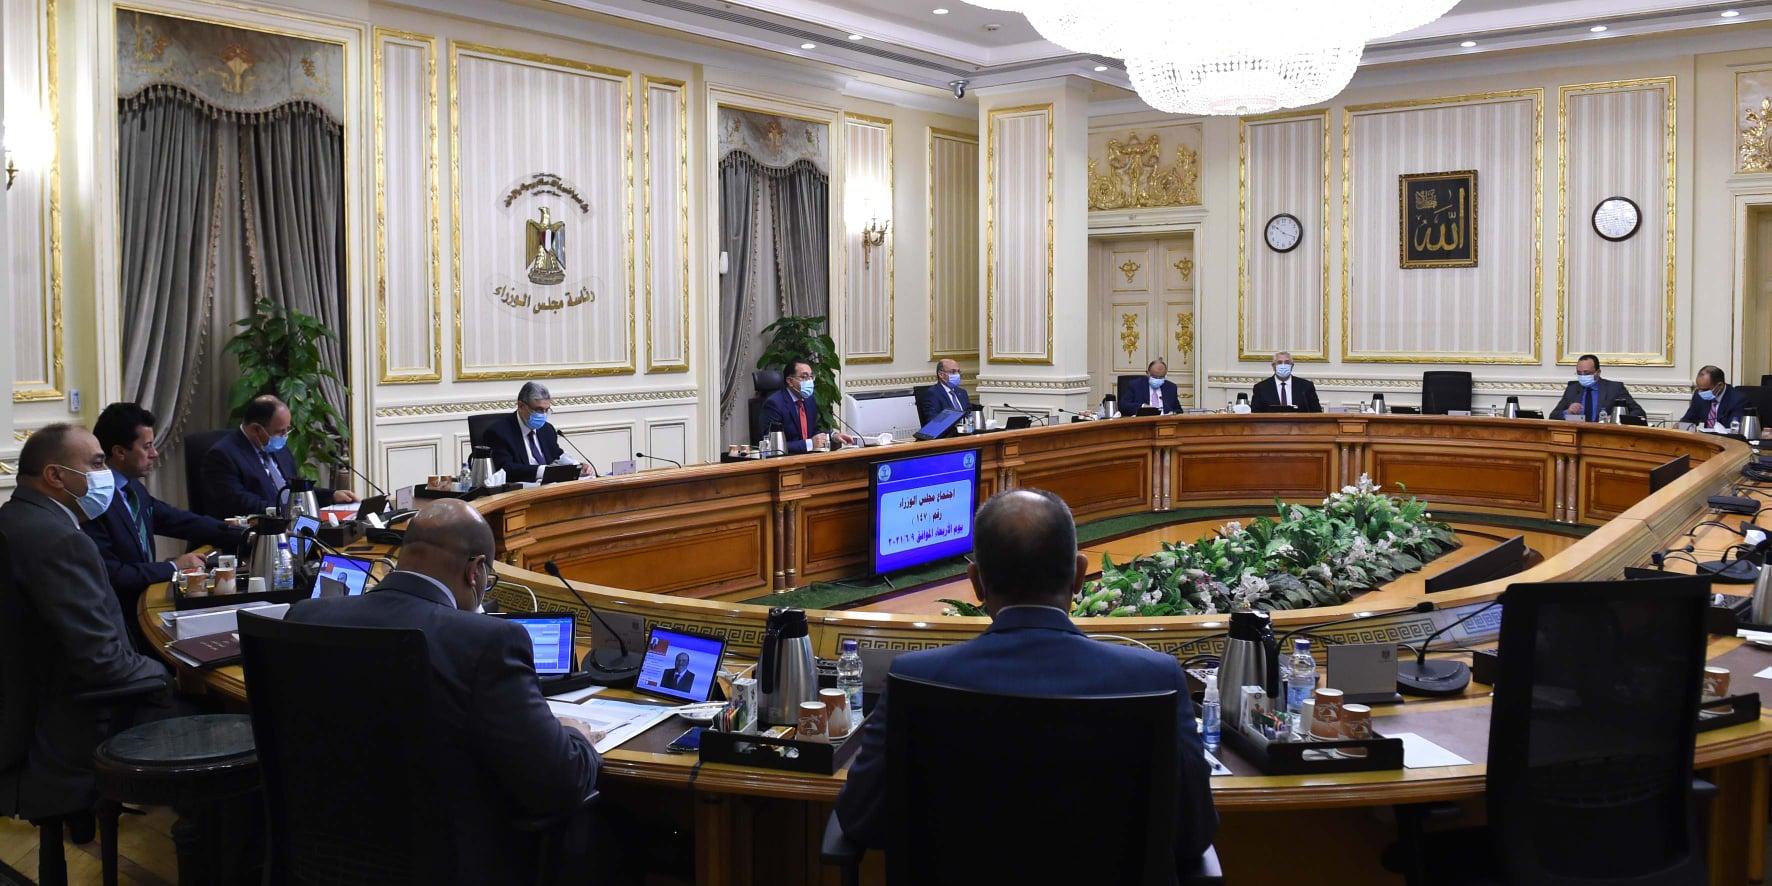 مدبولي: منح الرئيس السيسي وسام القائد من البرلمان العربى يعكس المكانة التى يتمتع بها فى المنطقة